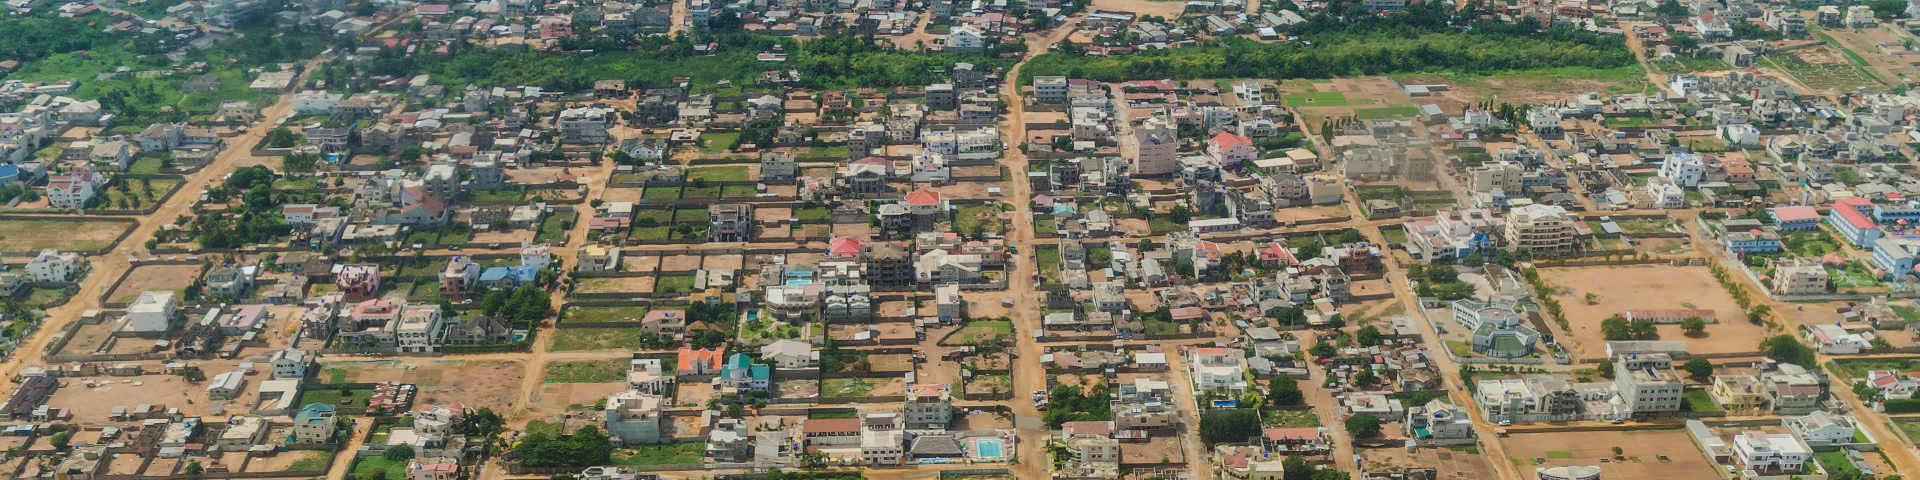 Cotonou hero edit